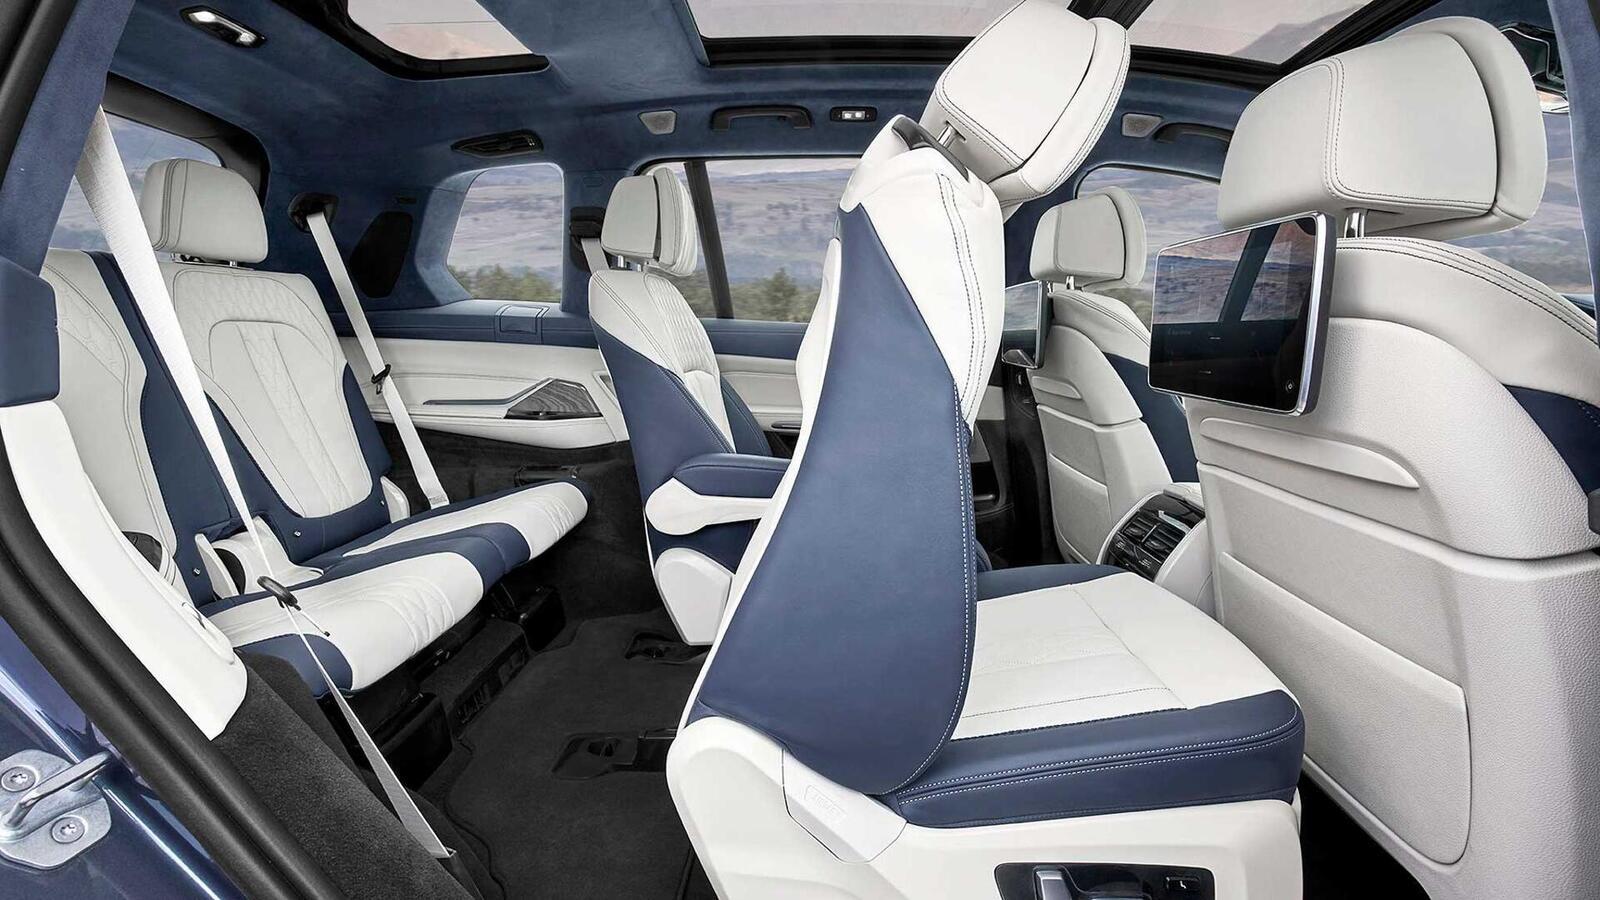 BMW X7 sắp bán tại Thái Lan; bản máy dầu M50d có giá 6,5 tỷ đồng - Hình 7